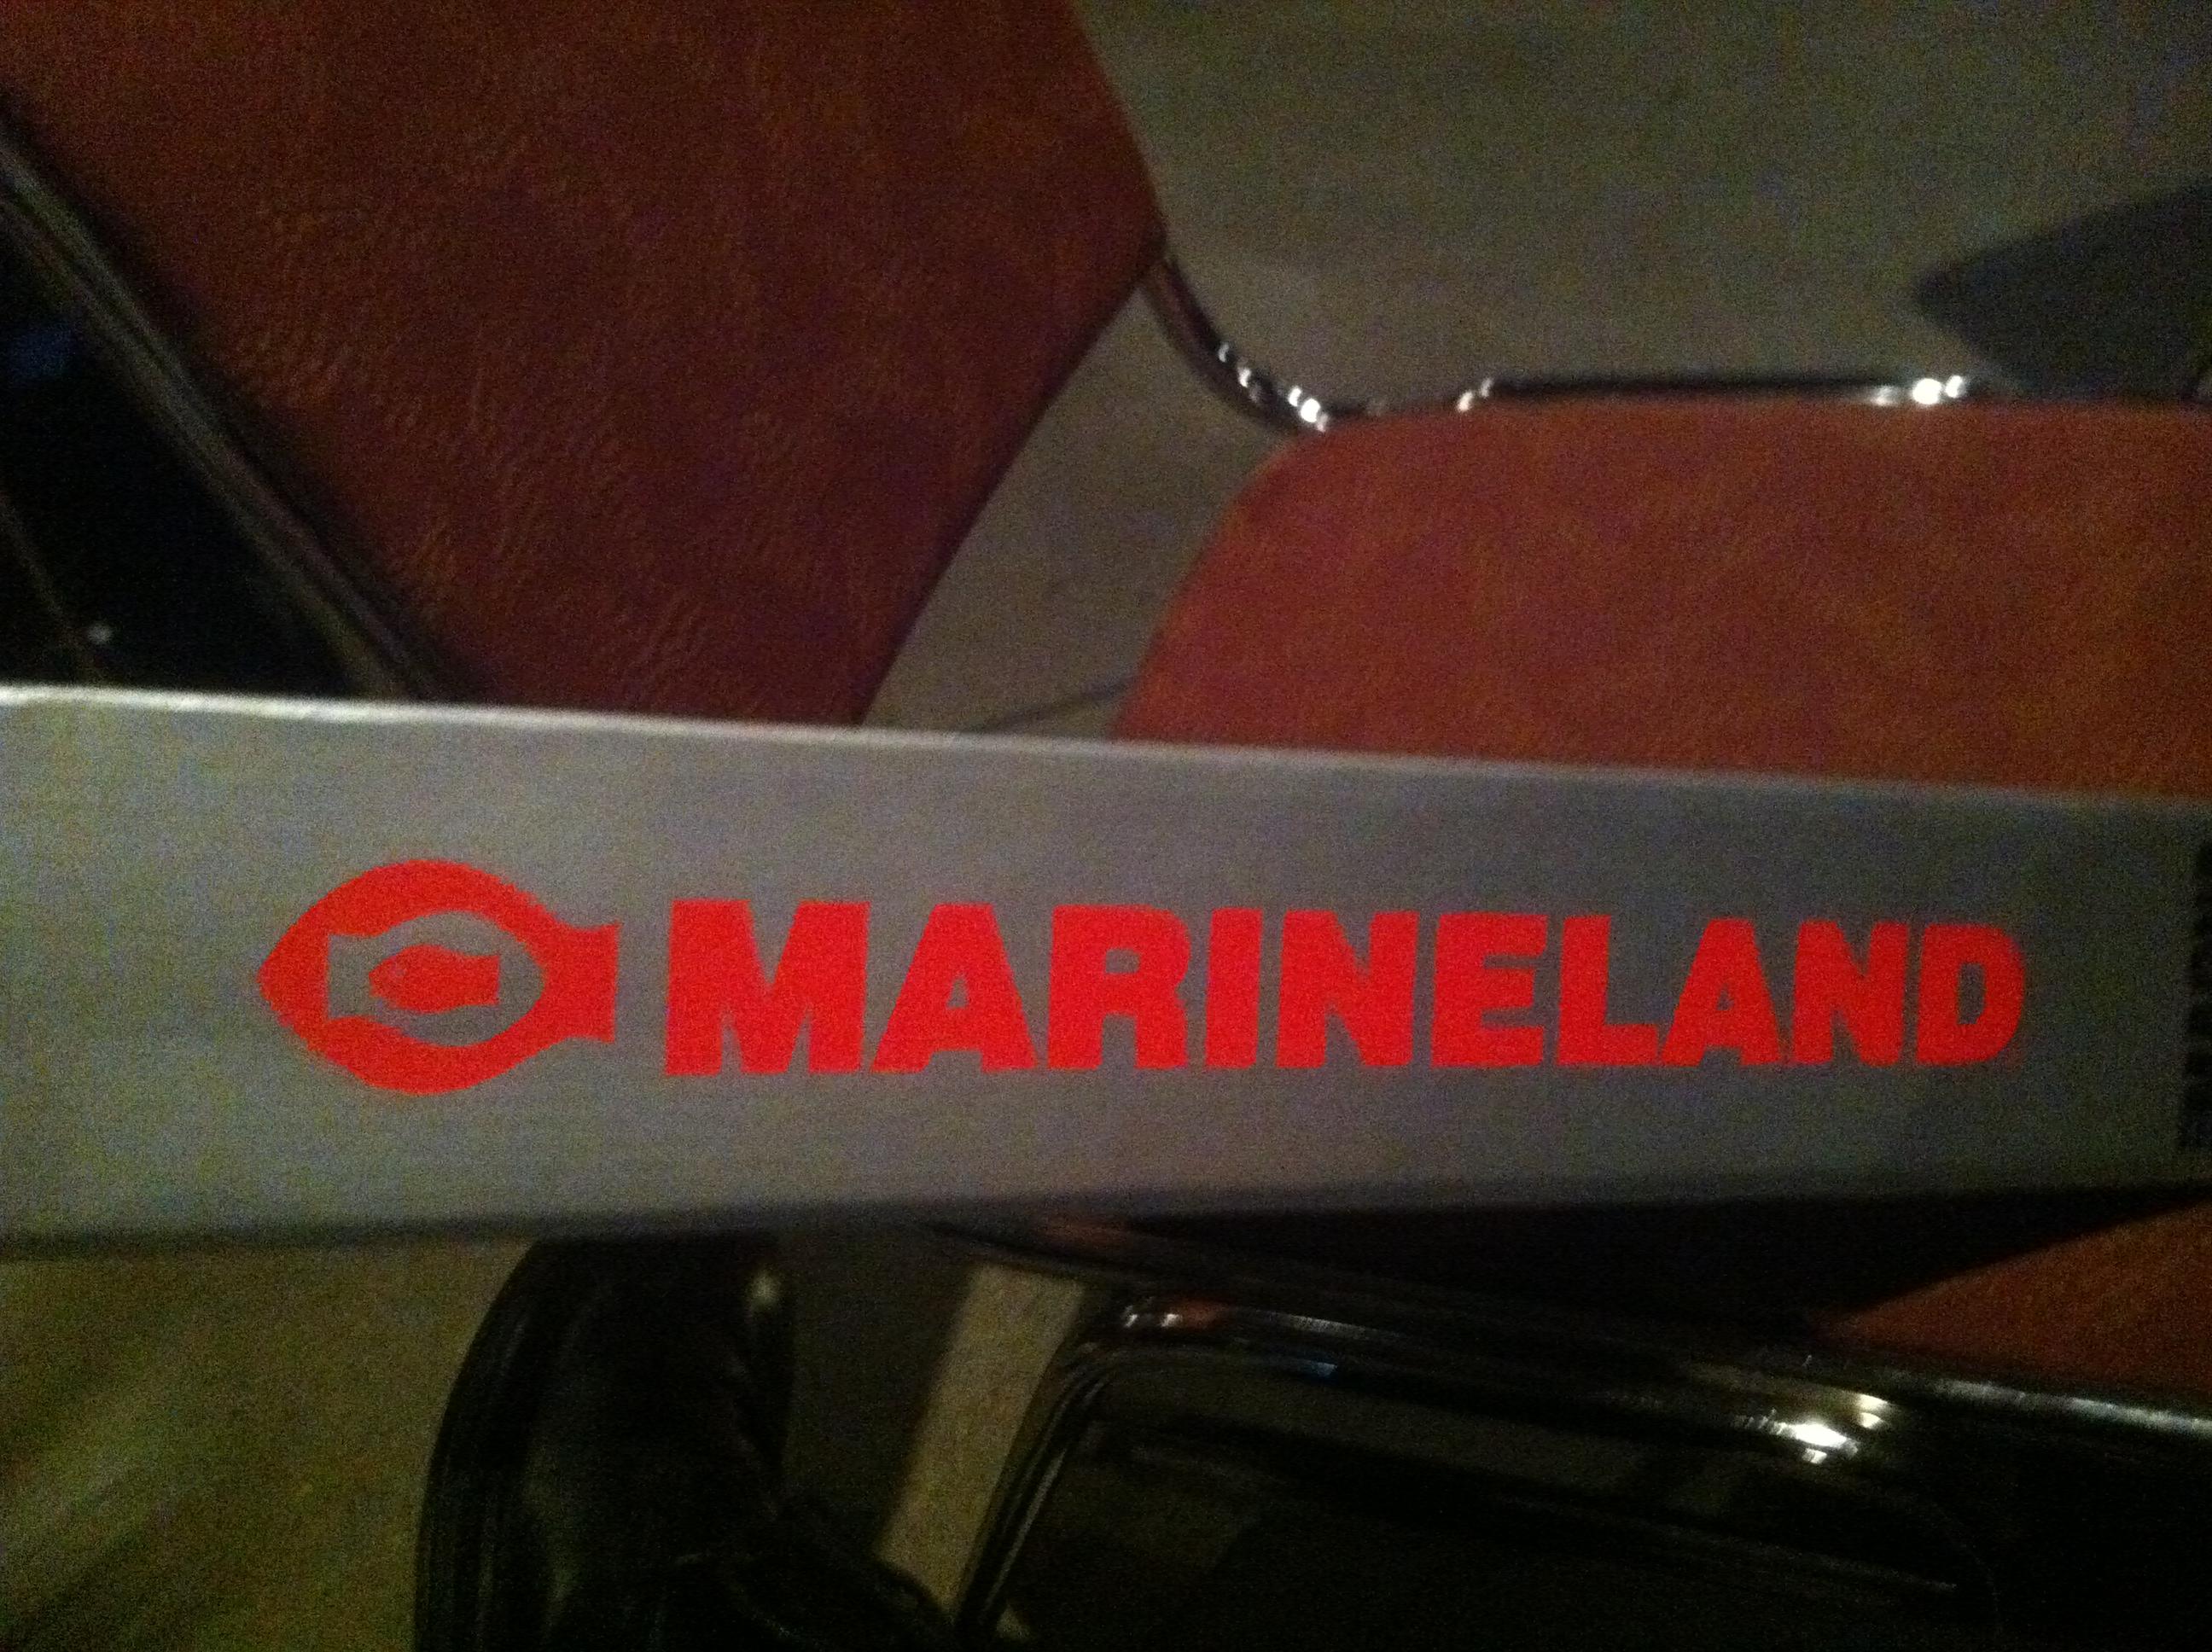 Marineland Blue Accent LED Strip Prototype